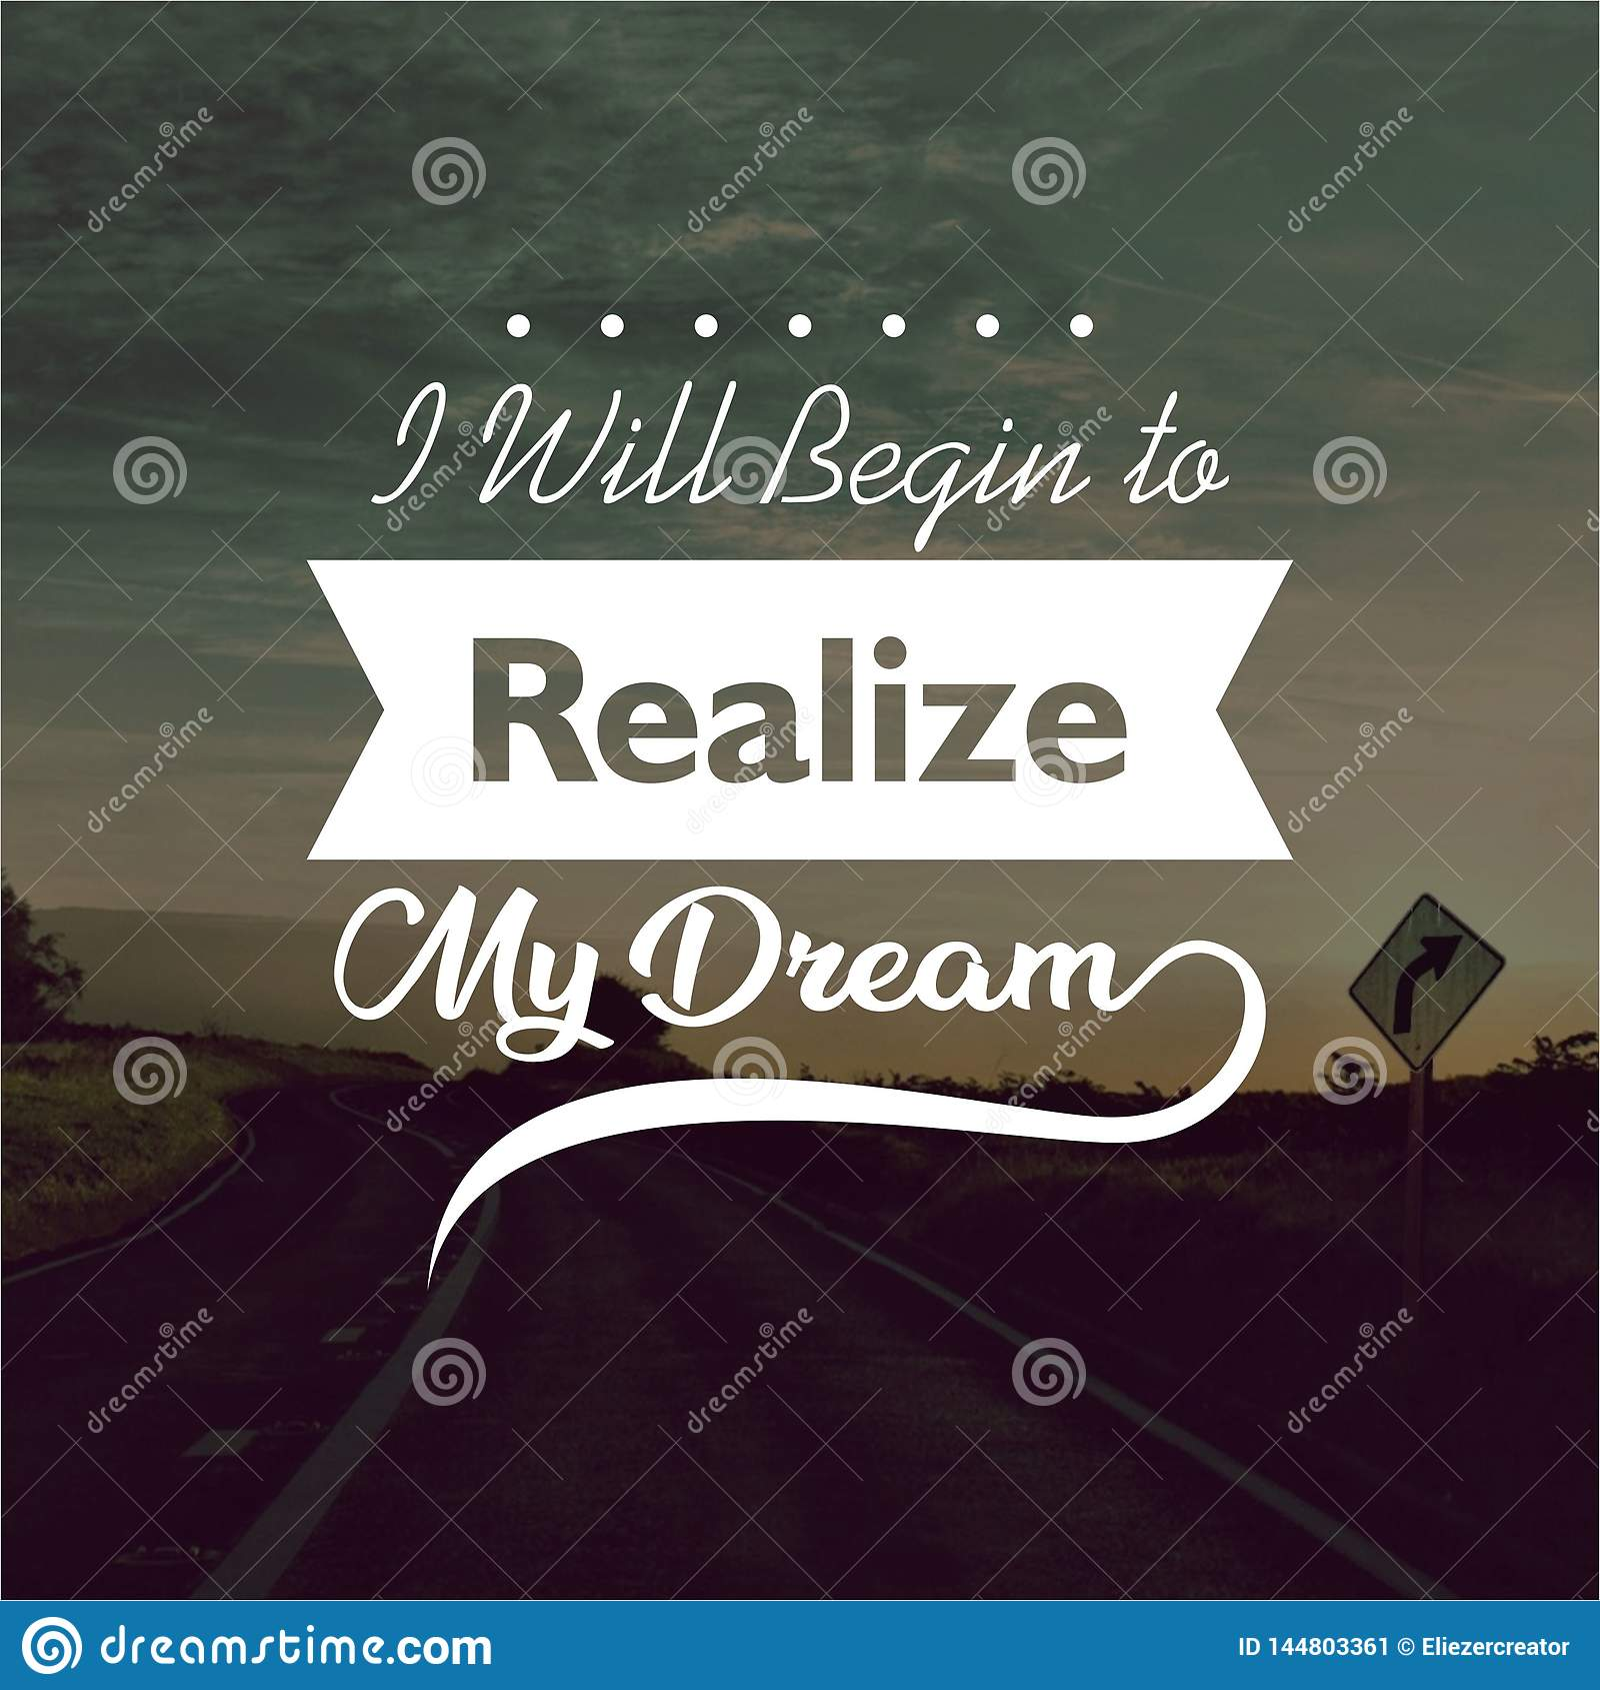 ????????? Θα αρχίσω να πραγματοποιώ το όνειρό μου Εμπνευσμένα και κινητήρι